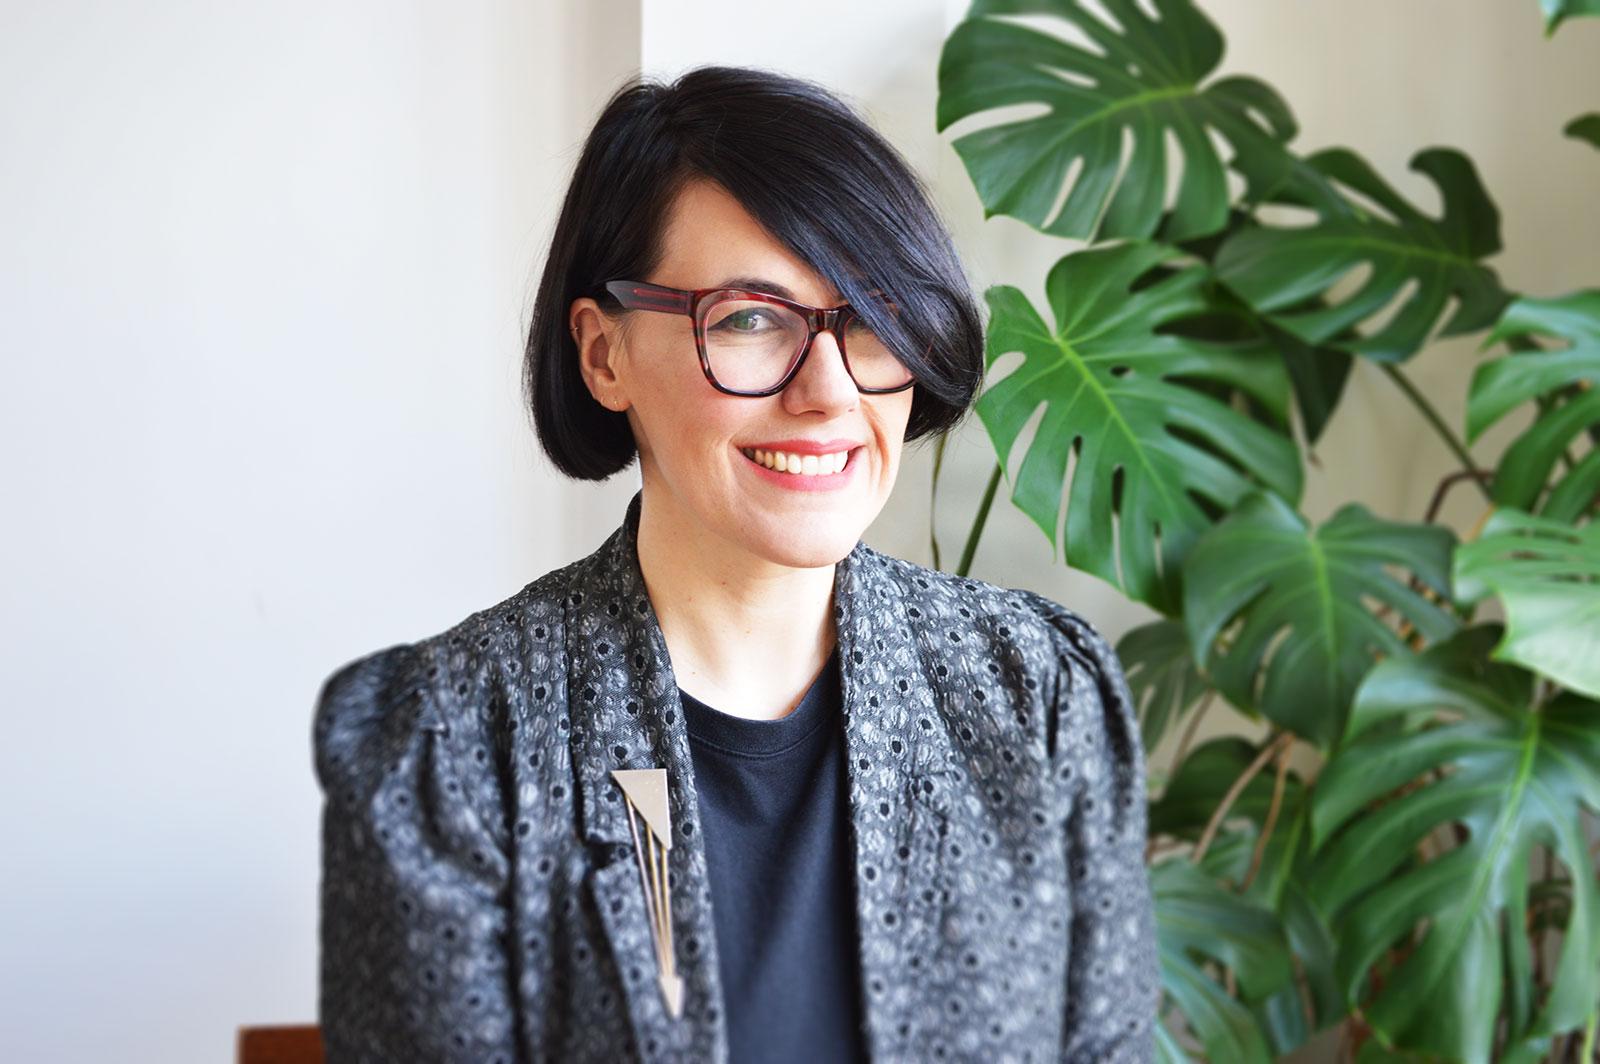 Victoria Newall